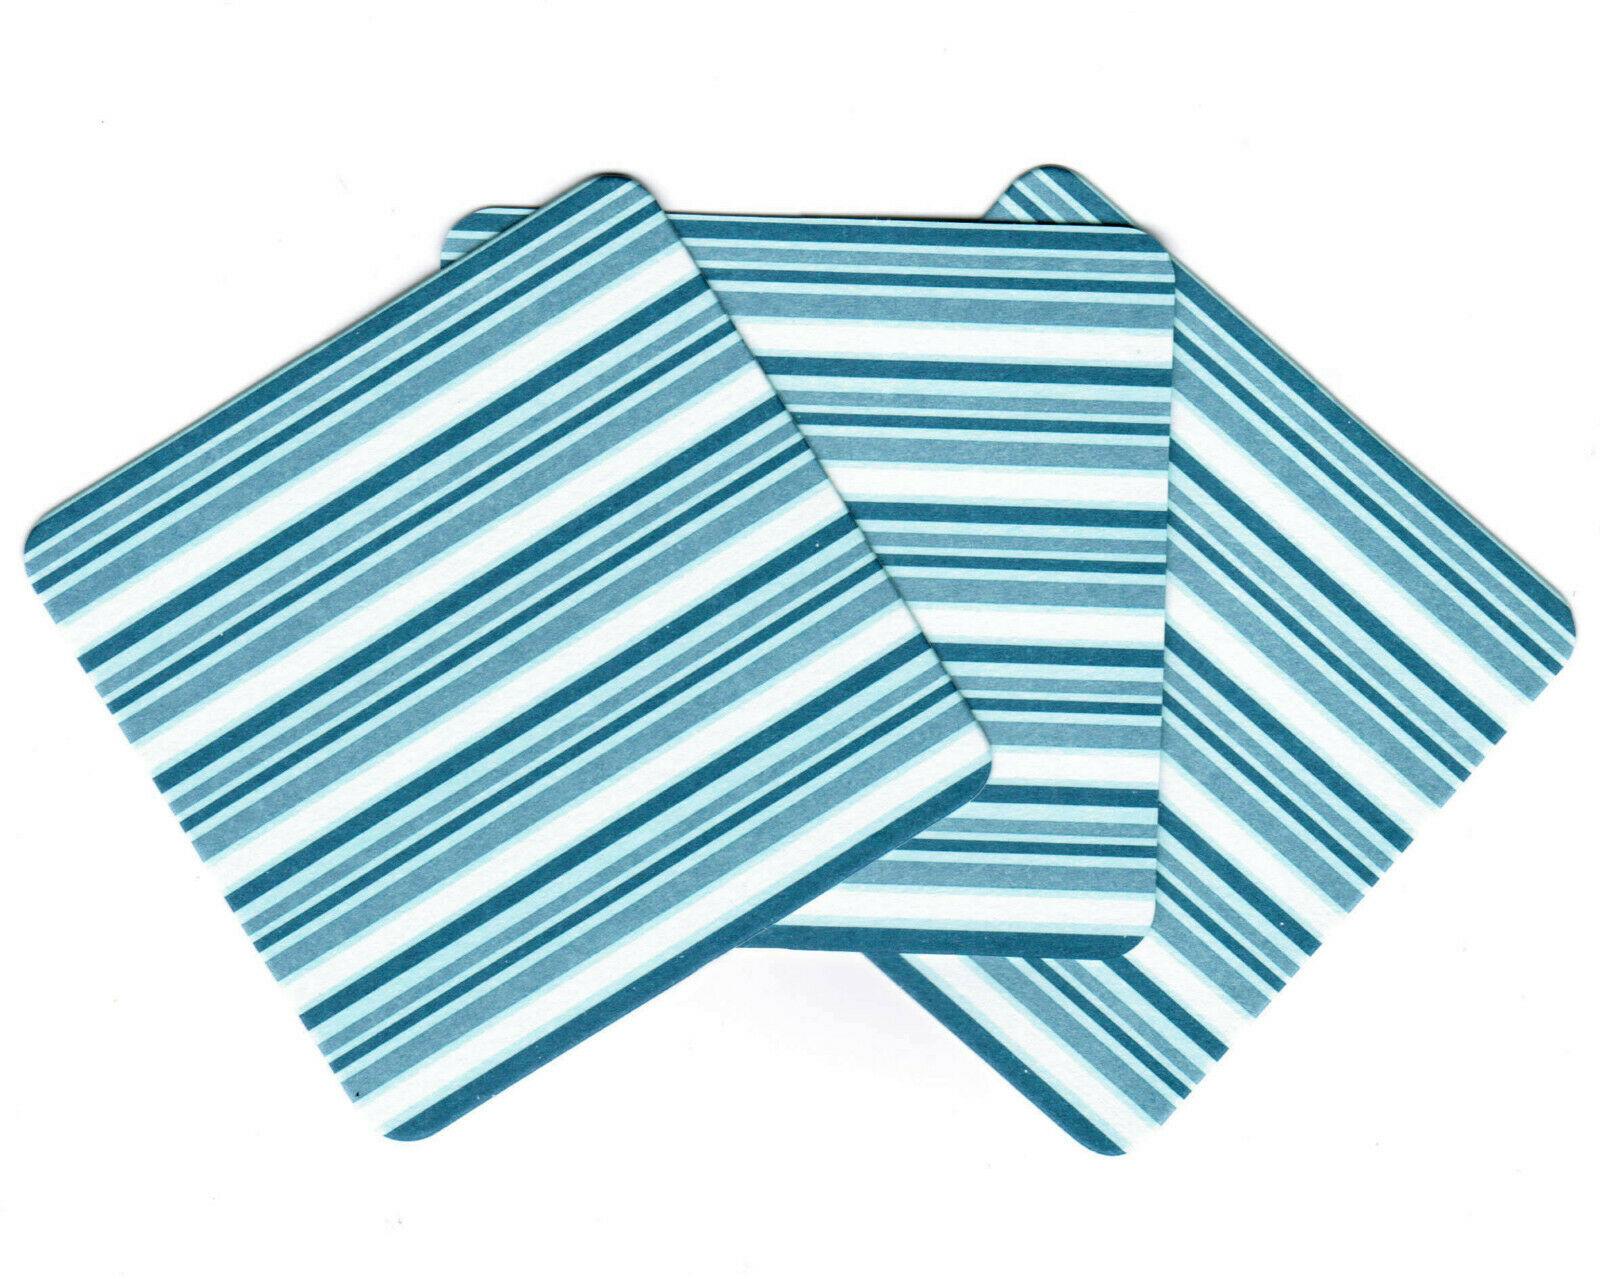 288 Stück Bierdeckel Untersetzer für Gläser Tassen 90x90mm eckig Pappe Grün/Blau - Blau